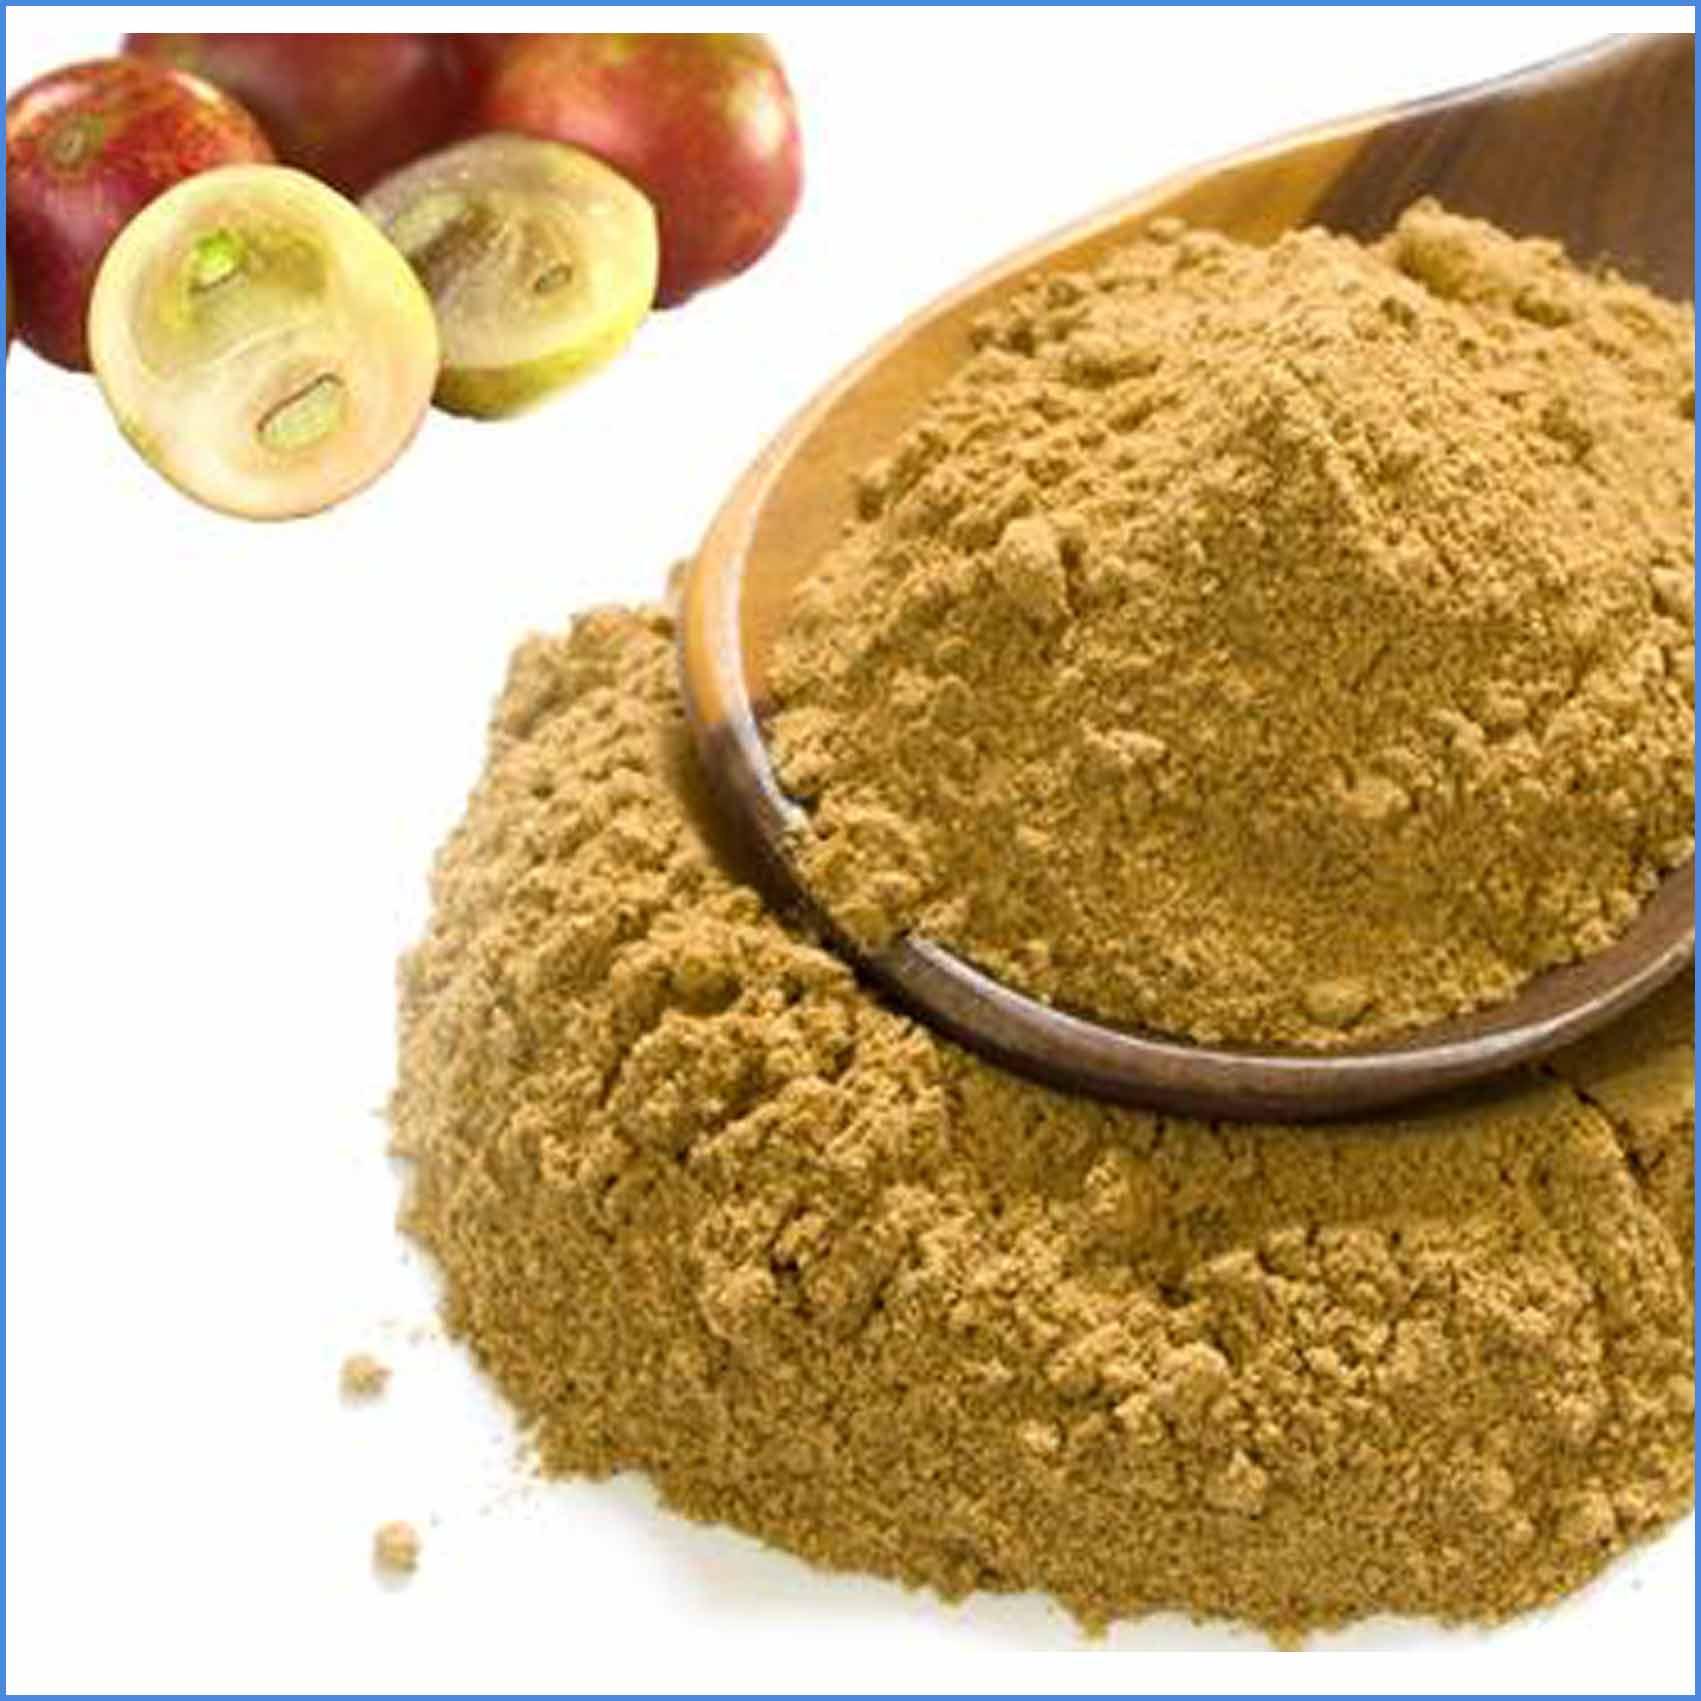 Camu Camu organic powder